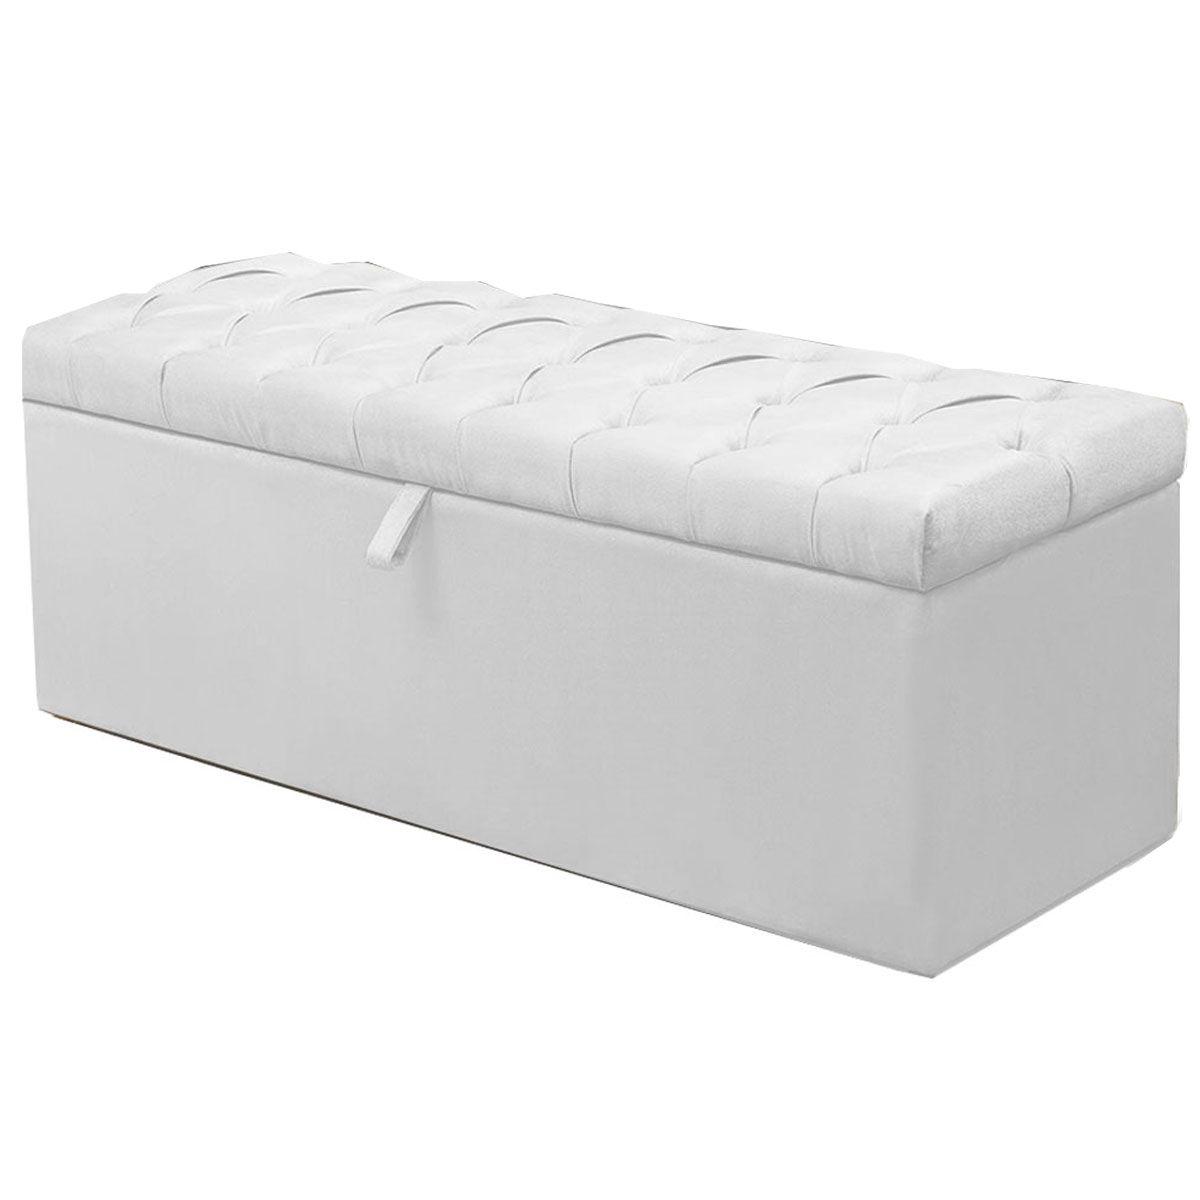 Calçadeira com Baú Itália Sintético Branco 160 cm